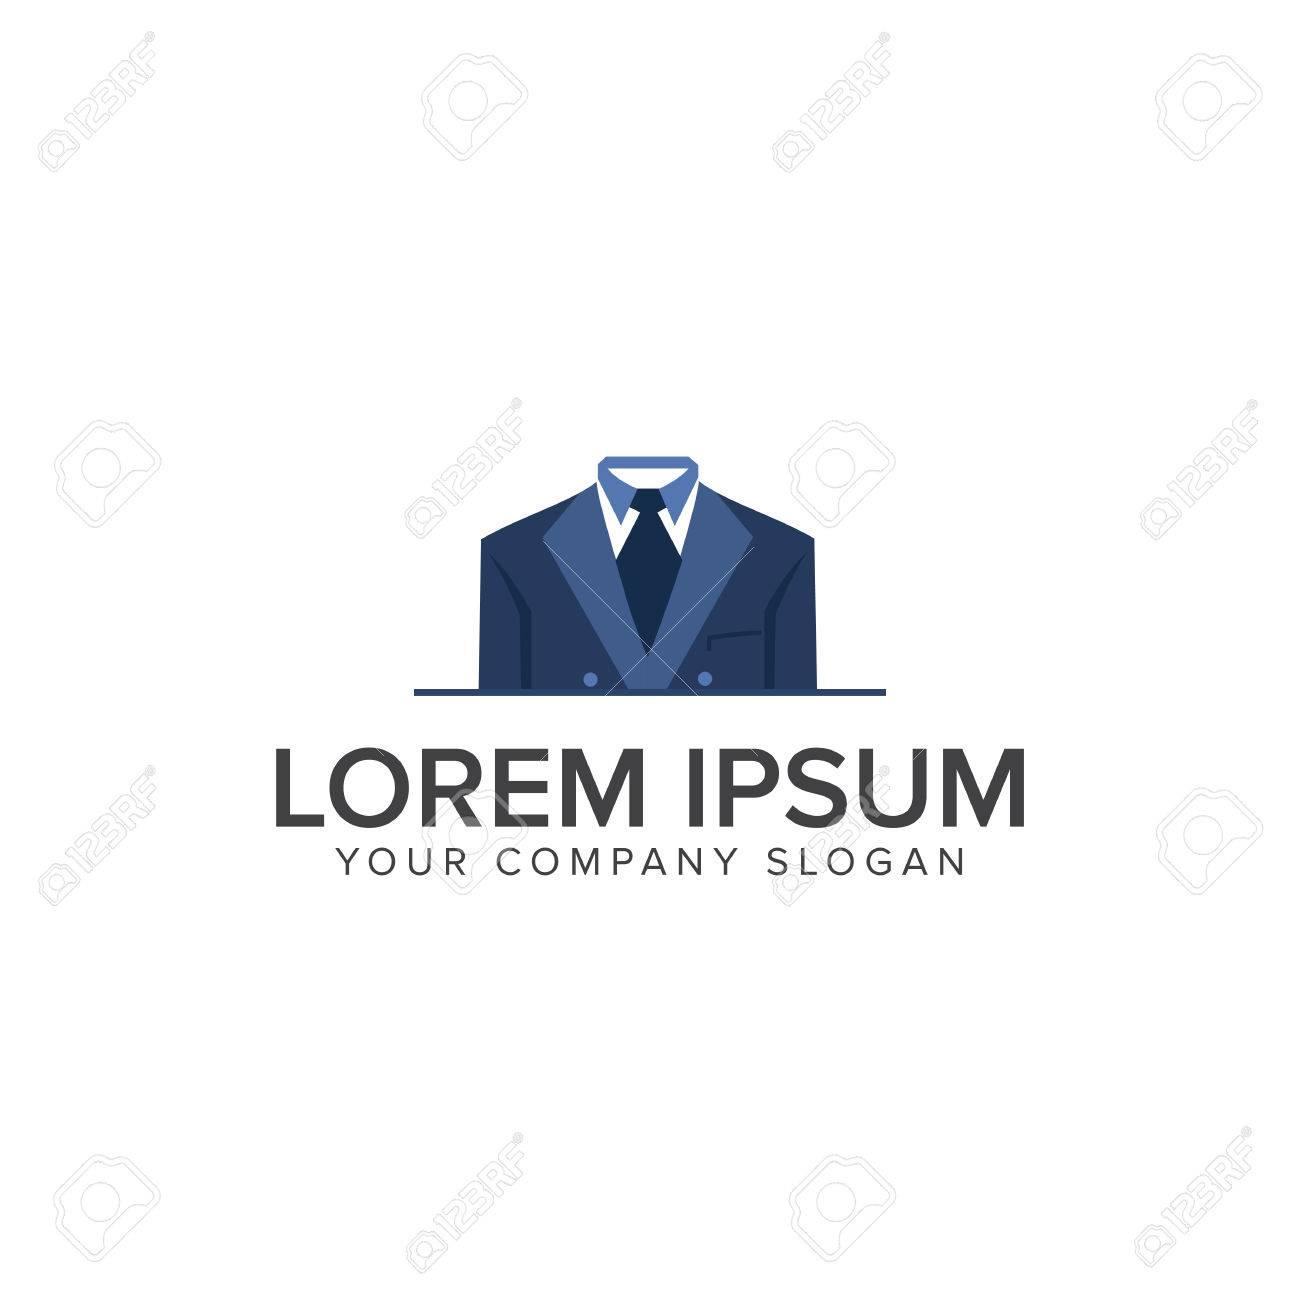 Geschäftsmann Kleidung Logo Design Konzept Vorlage Lizenzfrei ...